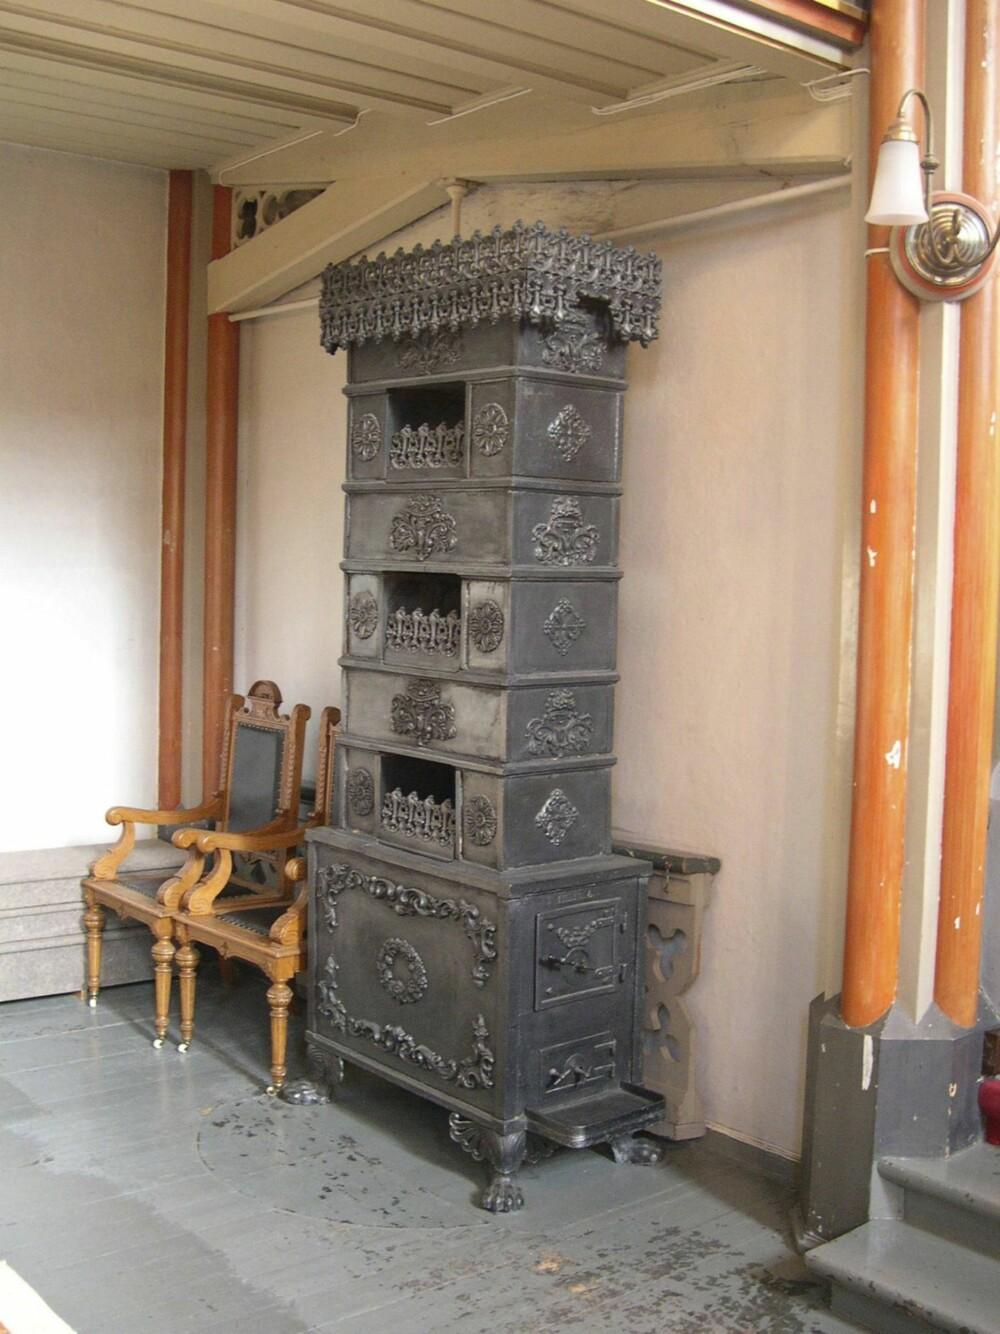 ETASJEOVN: Tidlig på 1700-tallet kom etasjeovnene, som skulle utnytte brenselet bedre.